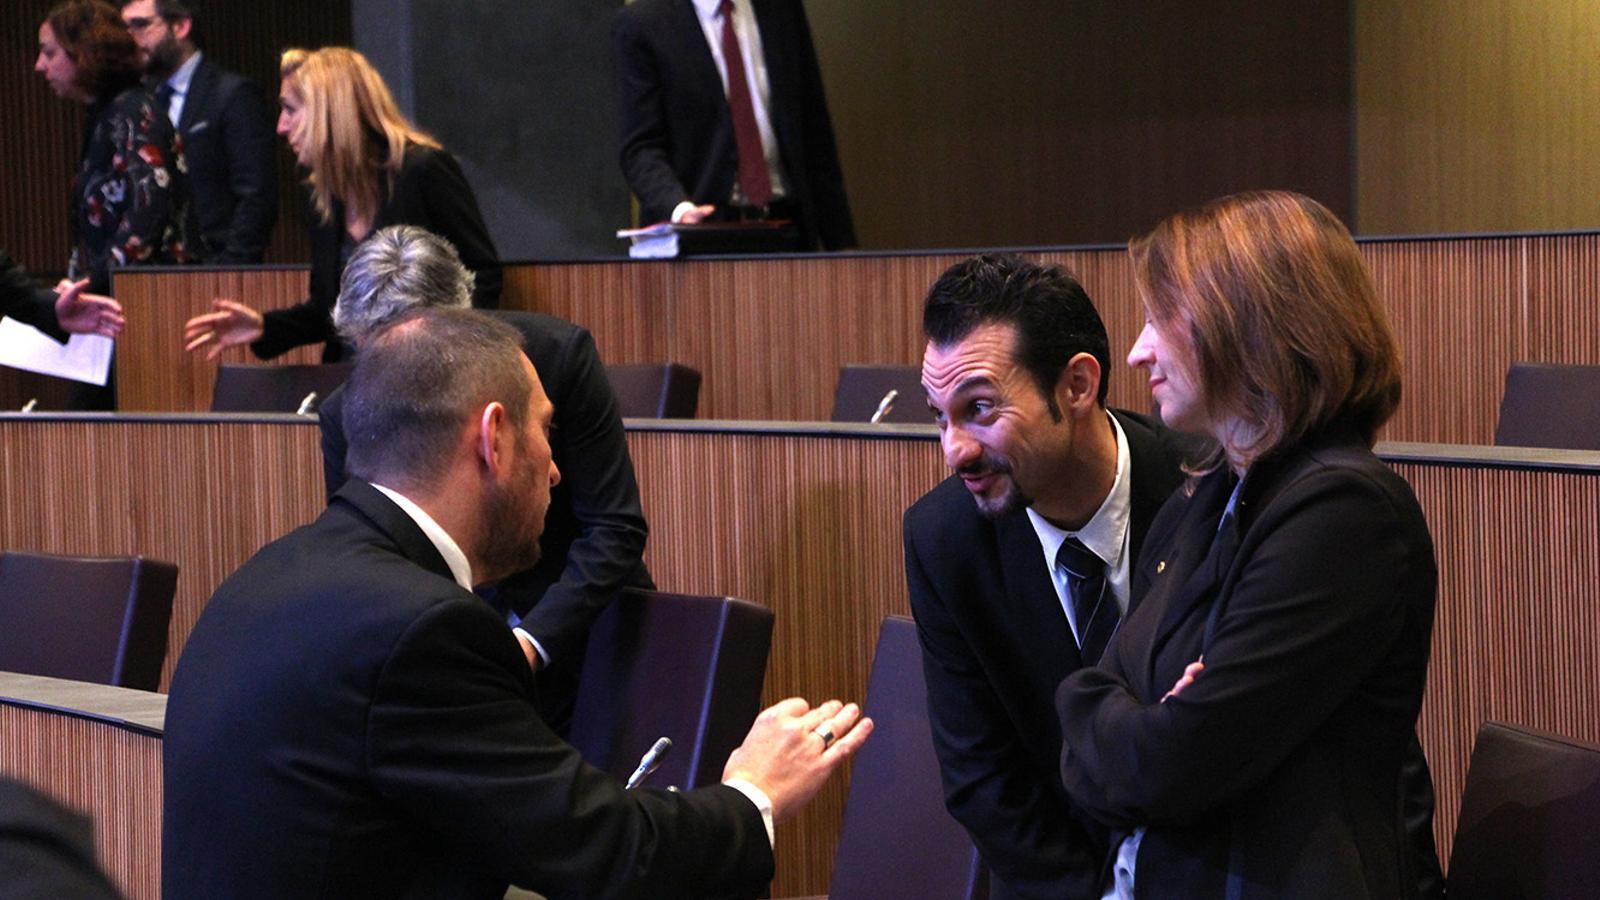 El conseller demòcrata Josep Anton Bardina conversa amb els consellers socialdemòcrates Rosa Gili i Gerard Alís. / M. M. (ANA)